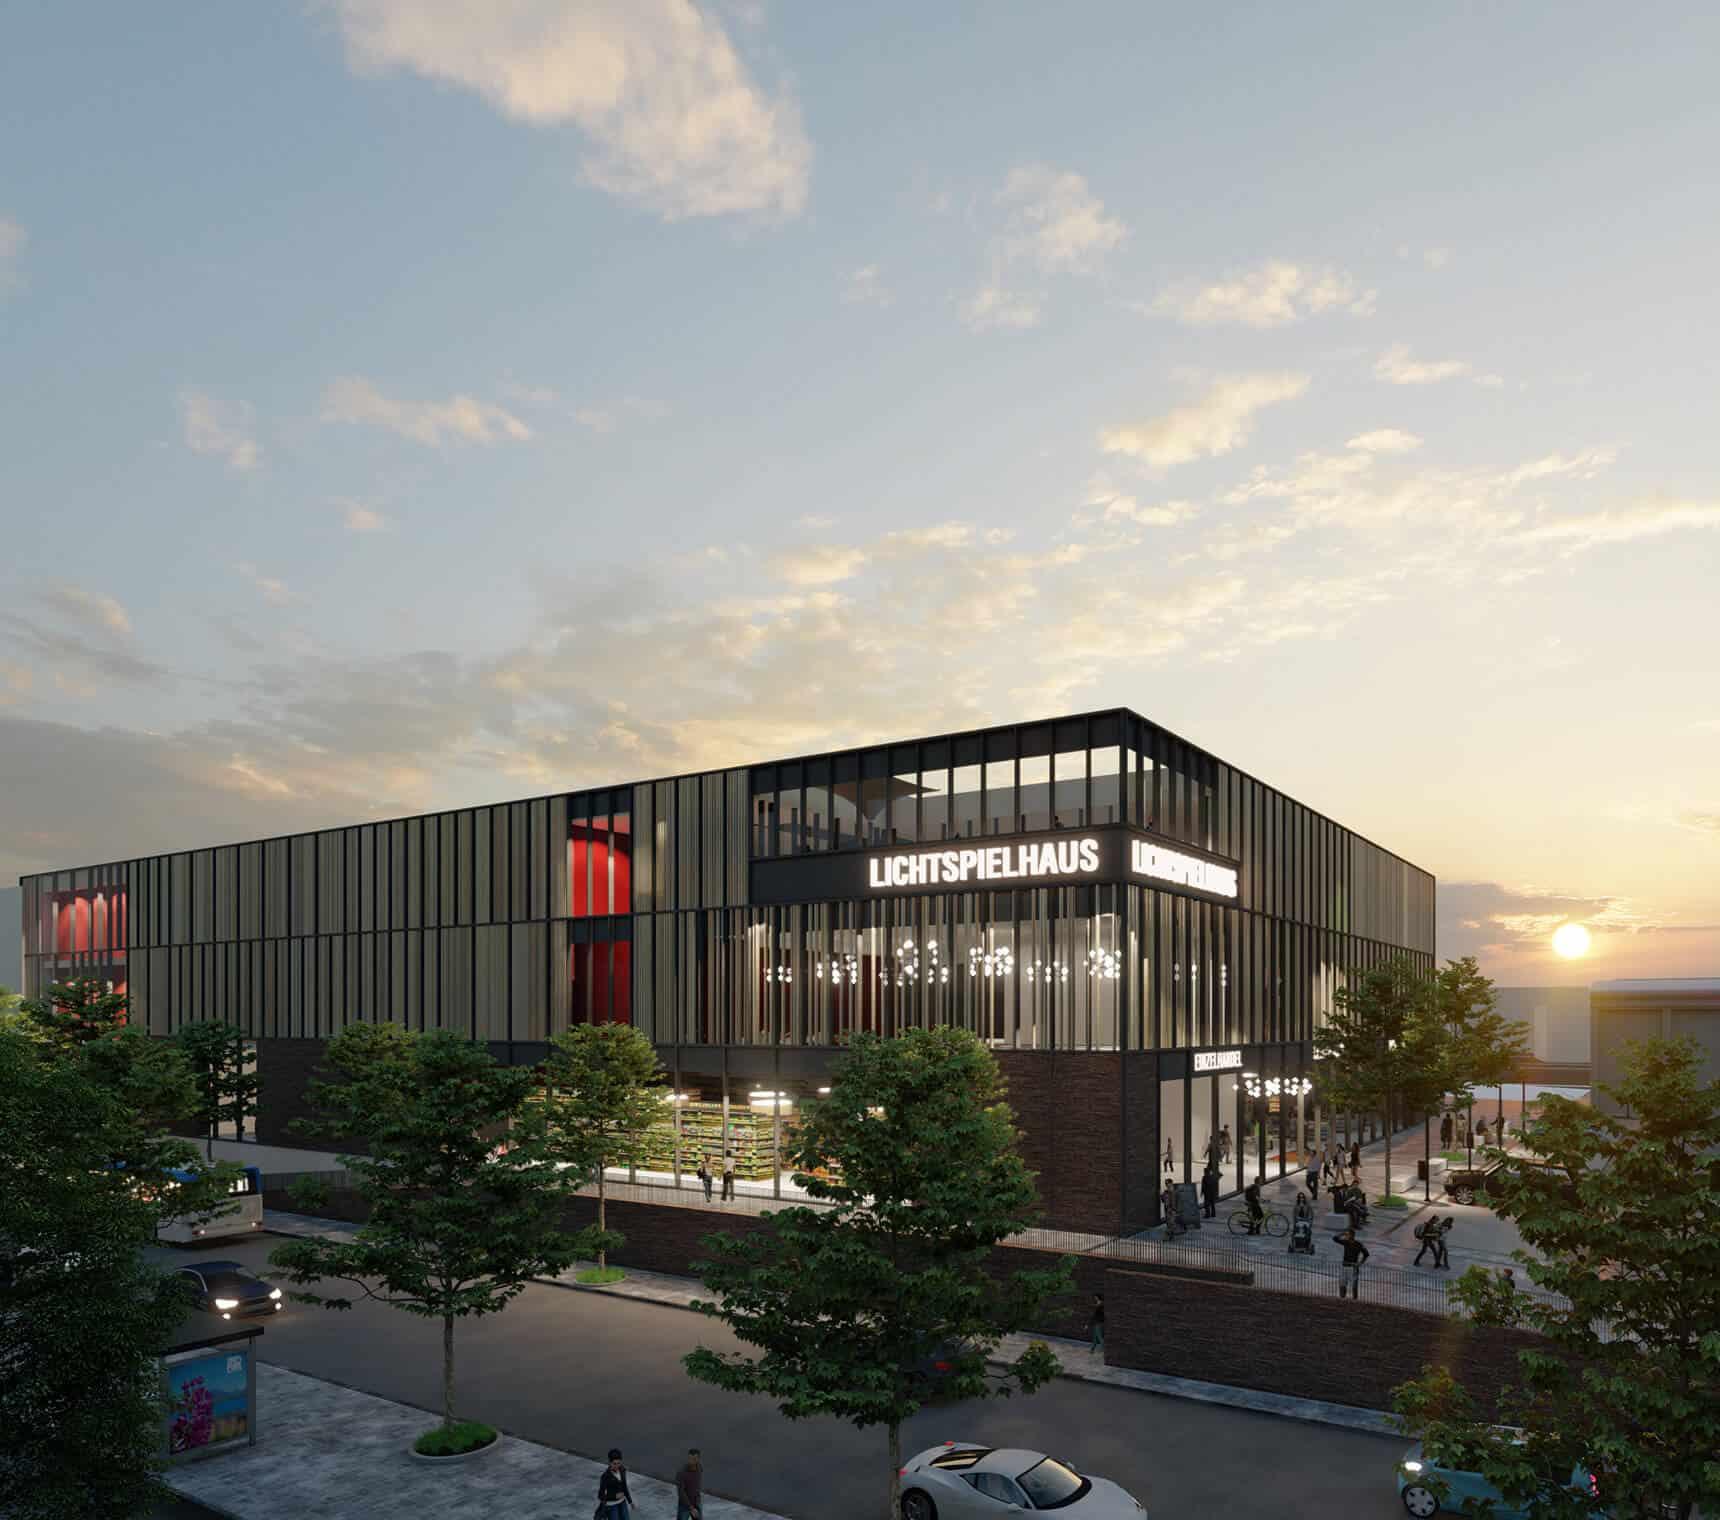 Lichtspielhaus Bad Homburg Kino Visualisierung Projektentwickler Deutschland